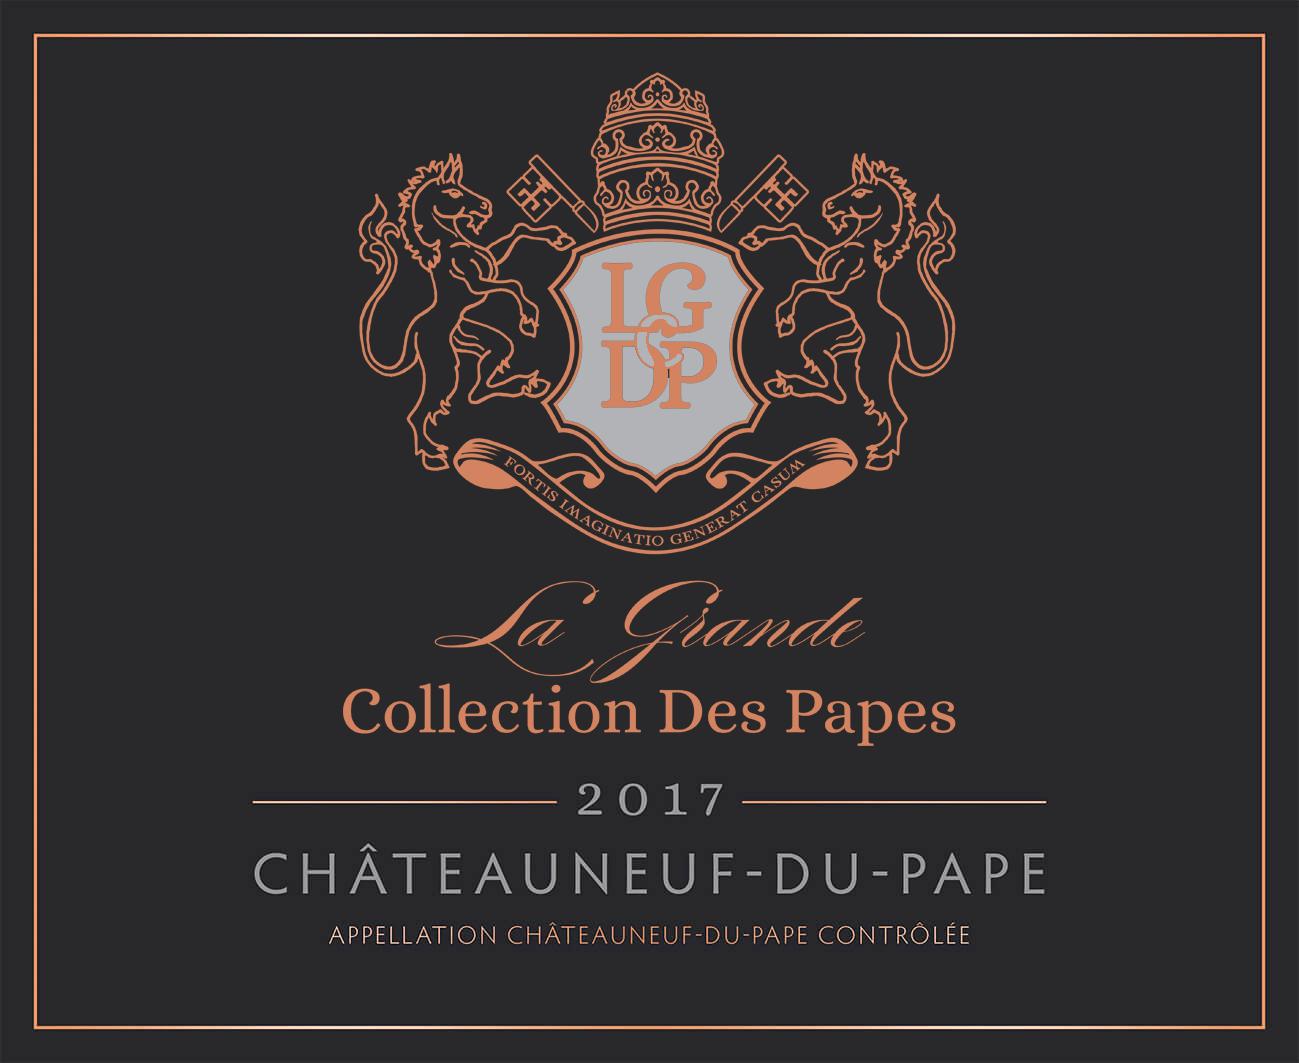 La Grande Collection des Papes